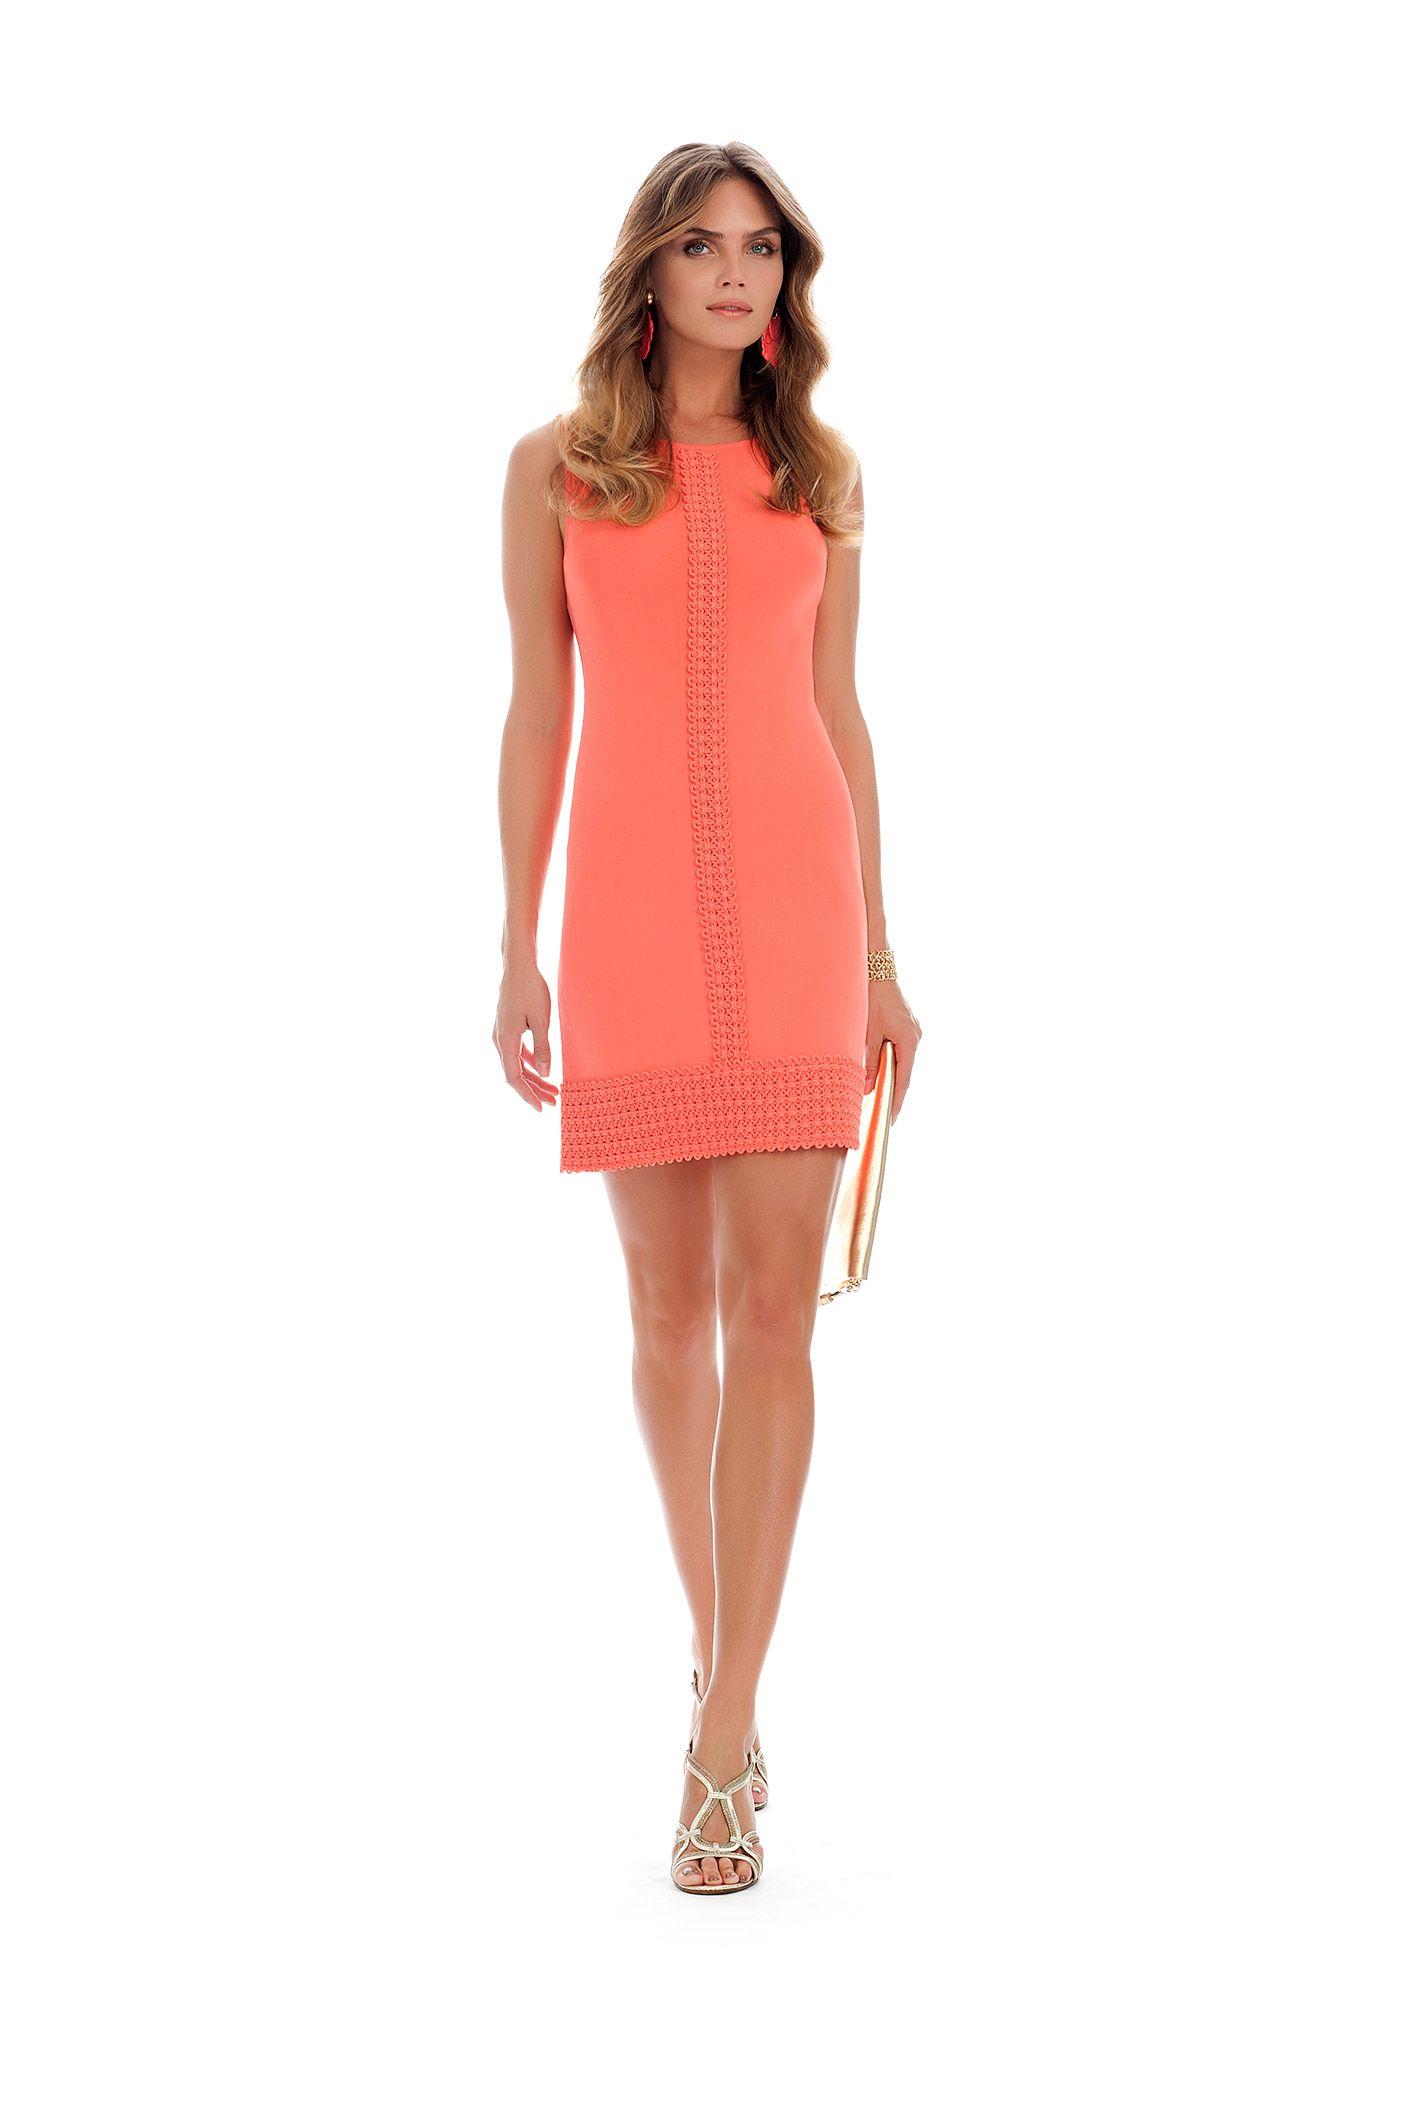 Luisa Spagnoli Look 22. Luisa Spagnoli Look 22 I Dress 604c421a3fe